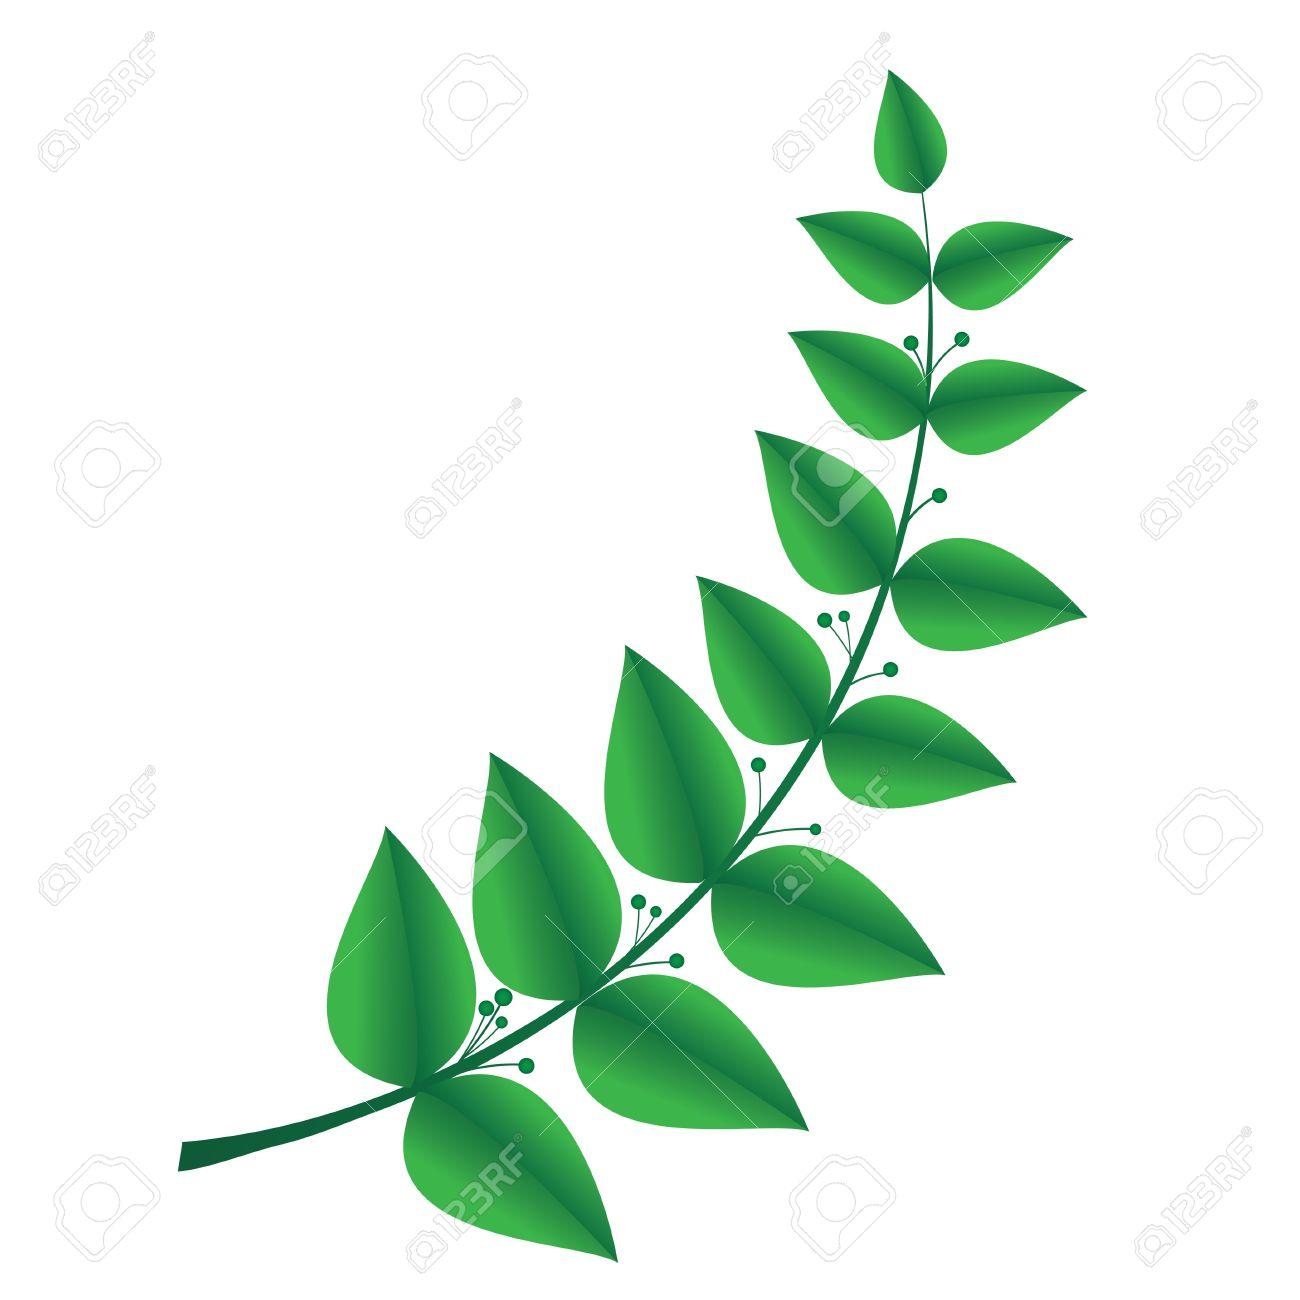 laurel branch, symbol of victory Stock Vector - 14464685